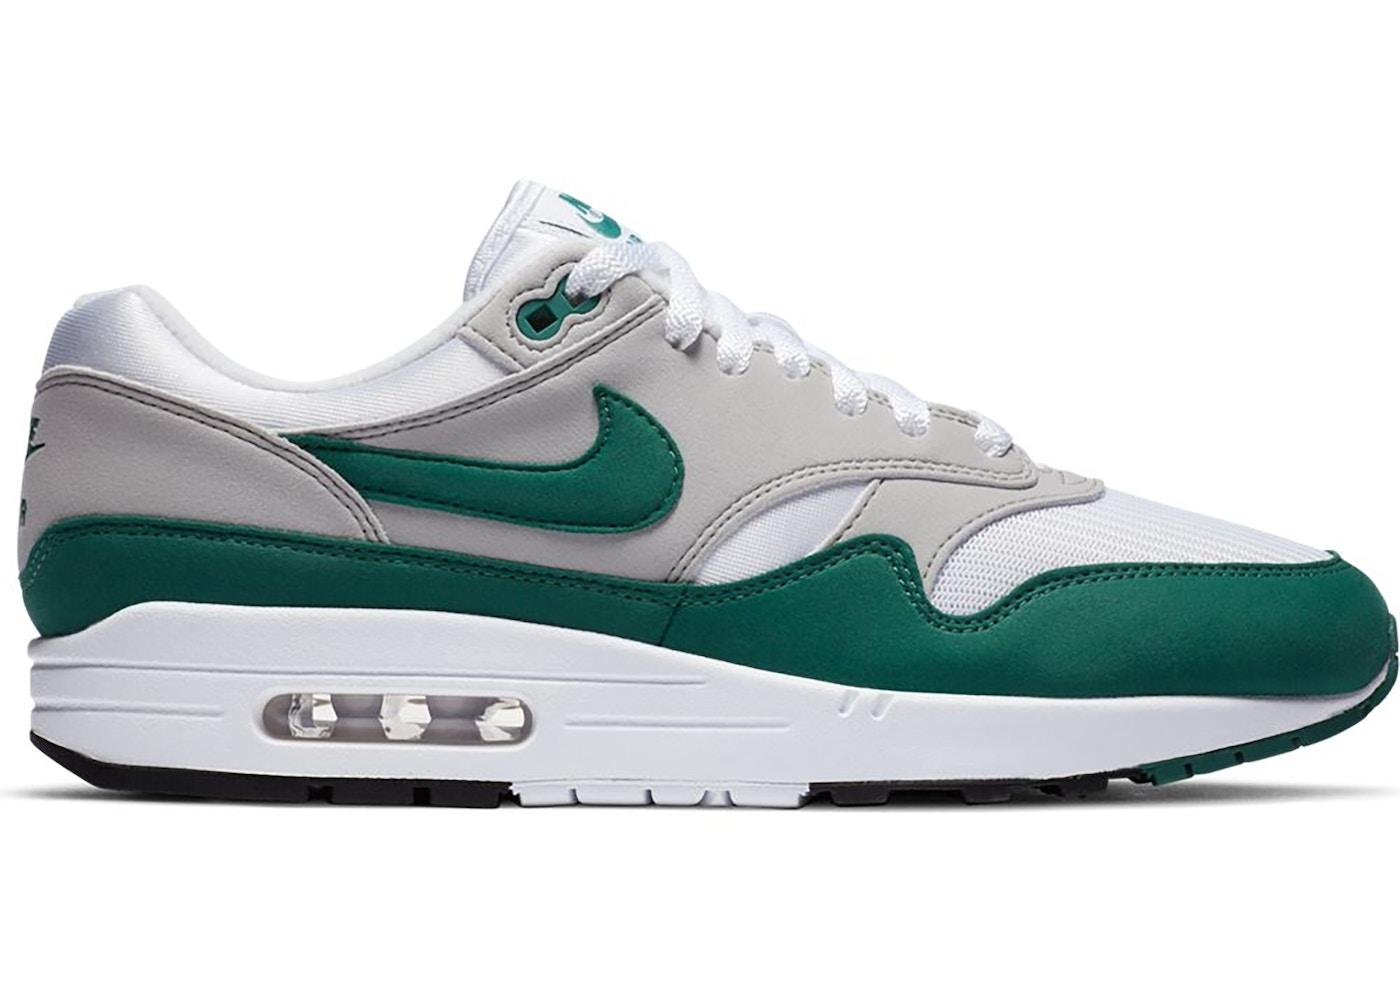 Nike Air Max 1 Anniversary Green (2020)